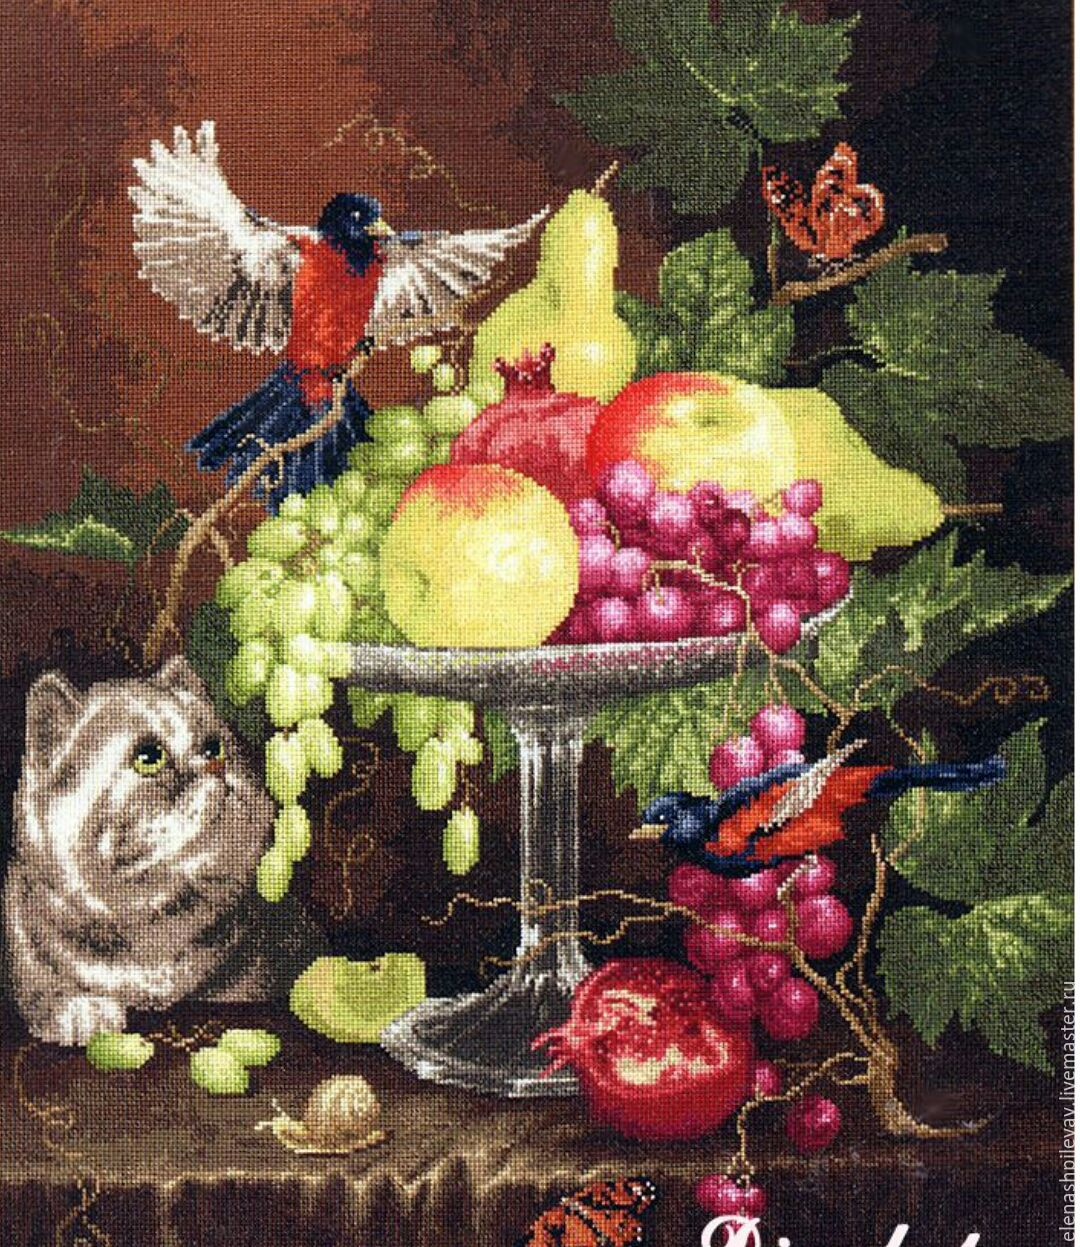 Вышивка картин фруктов